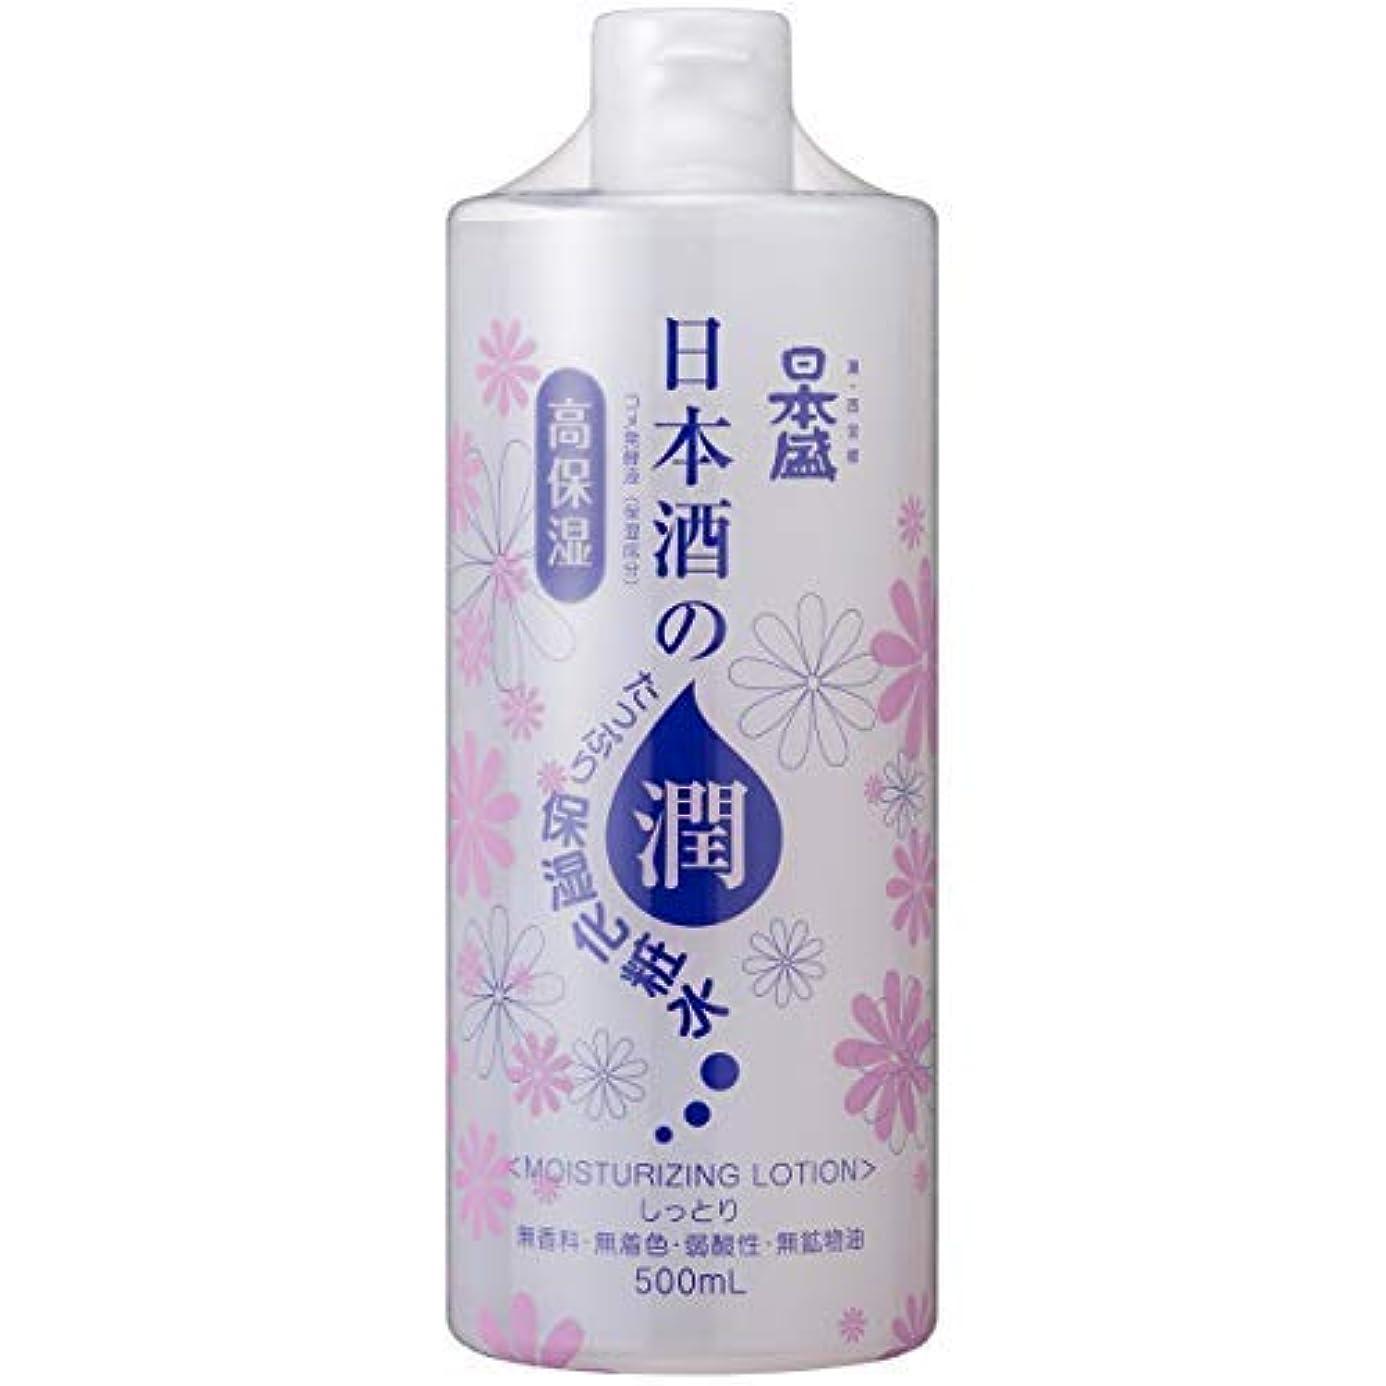 変色するプット黙日本酒のたっぷり保湿 化粧水しっとり × 2個セット